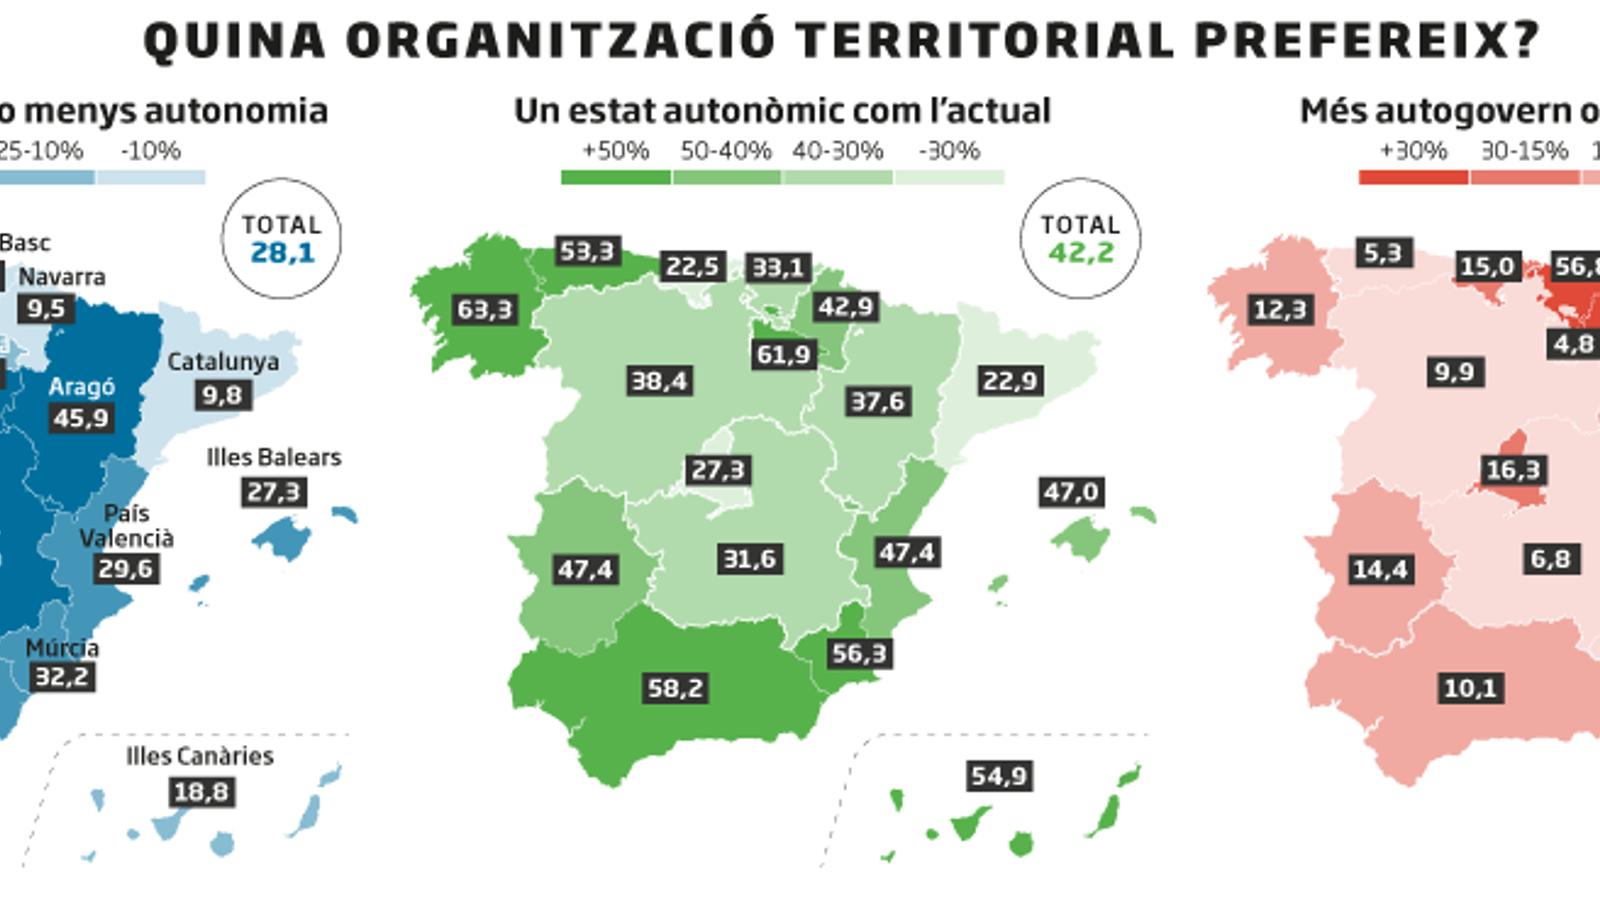 ORGANITZACIO TERRITORIAL